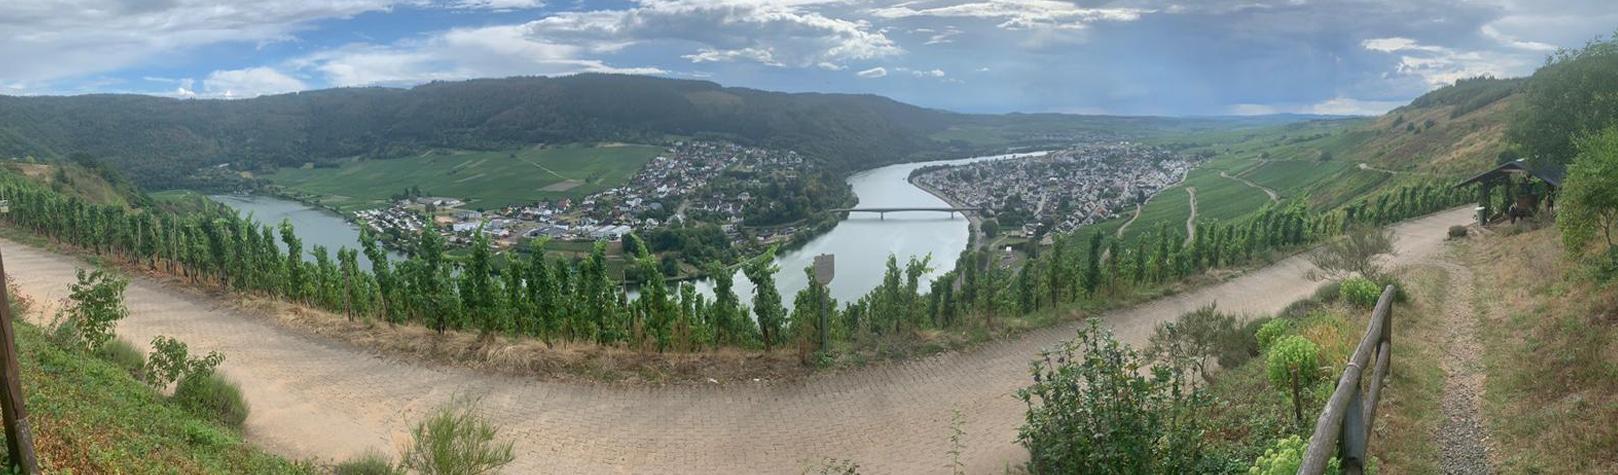 Heerlijke wijnen en toch dichtbij: wijnreisje Pfalz & Mosel